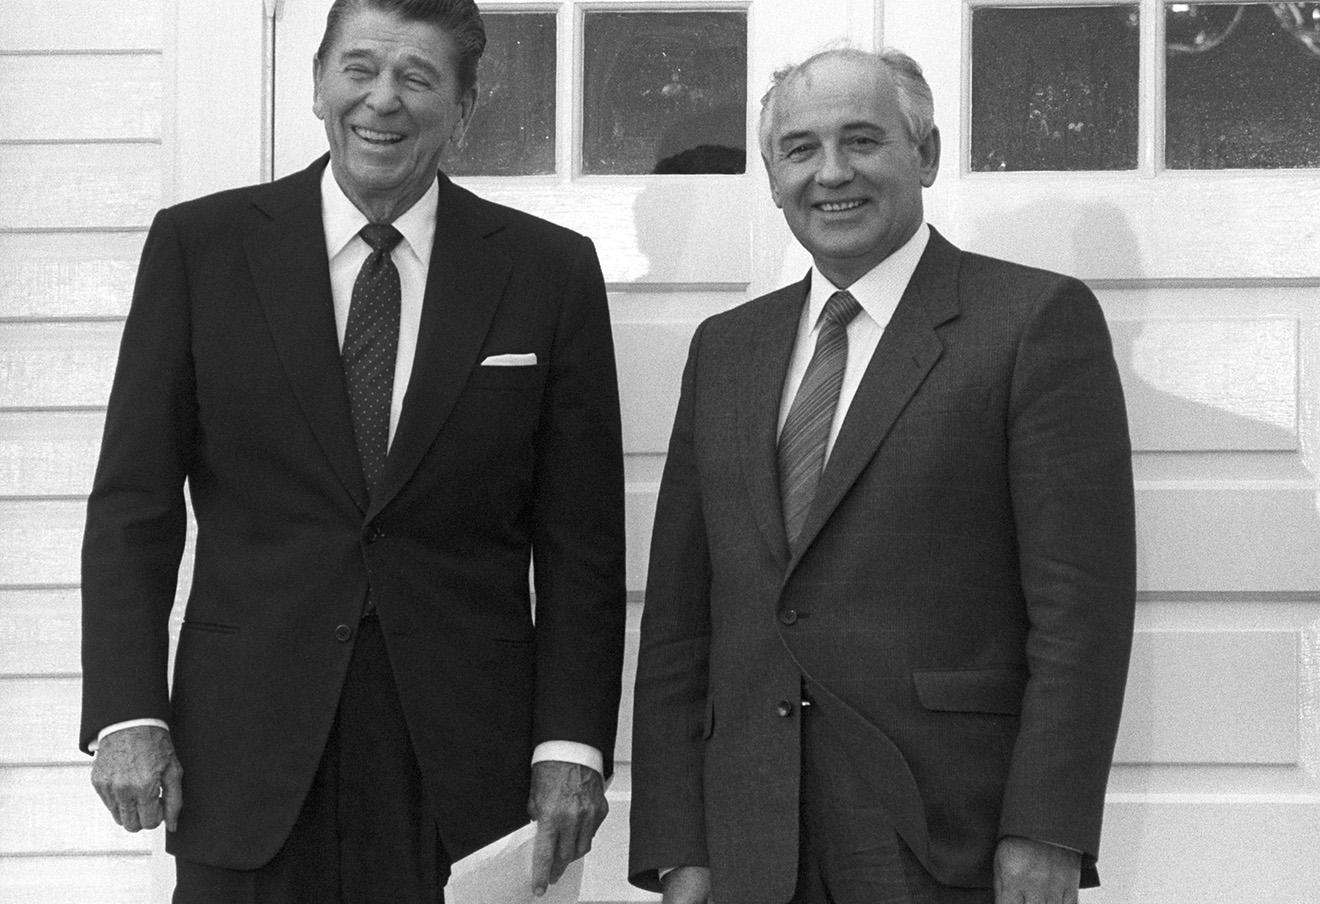 Президент США Рональд Рейган и генеральный секретарь ЦК КПСС Михаил Горбачев пред началом встречи в Рейкьявике, 1986 год.